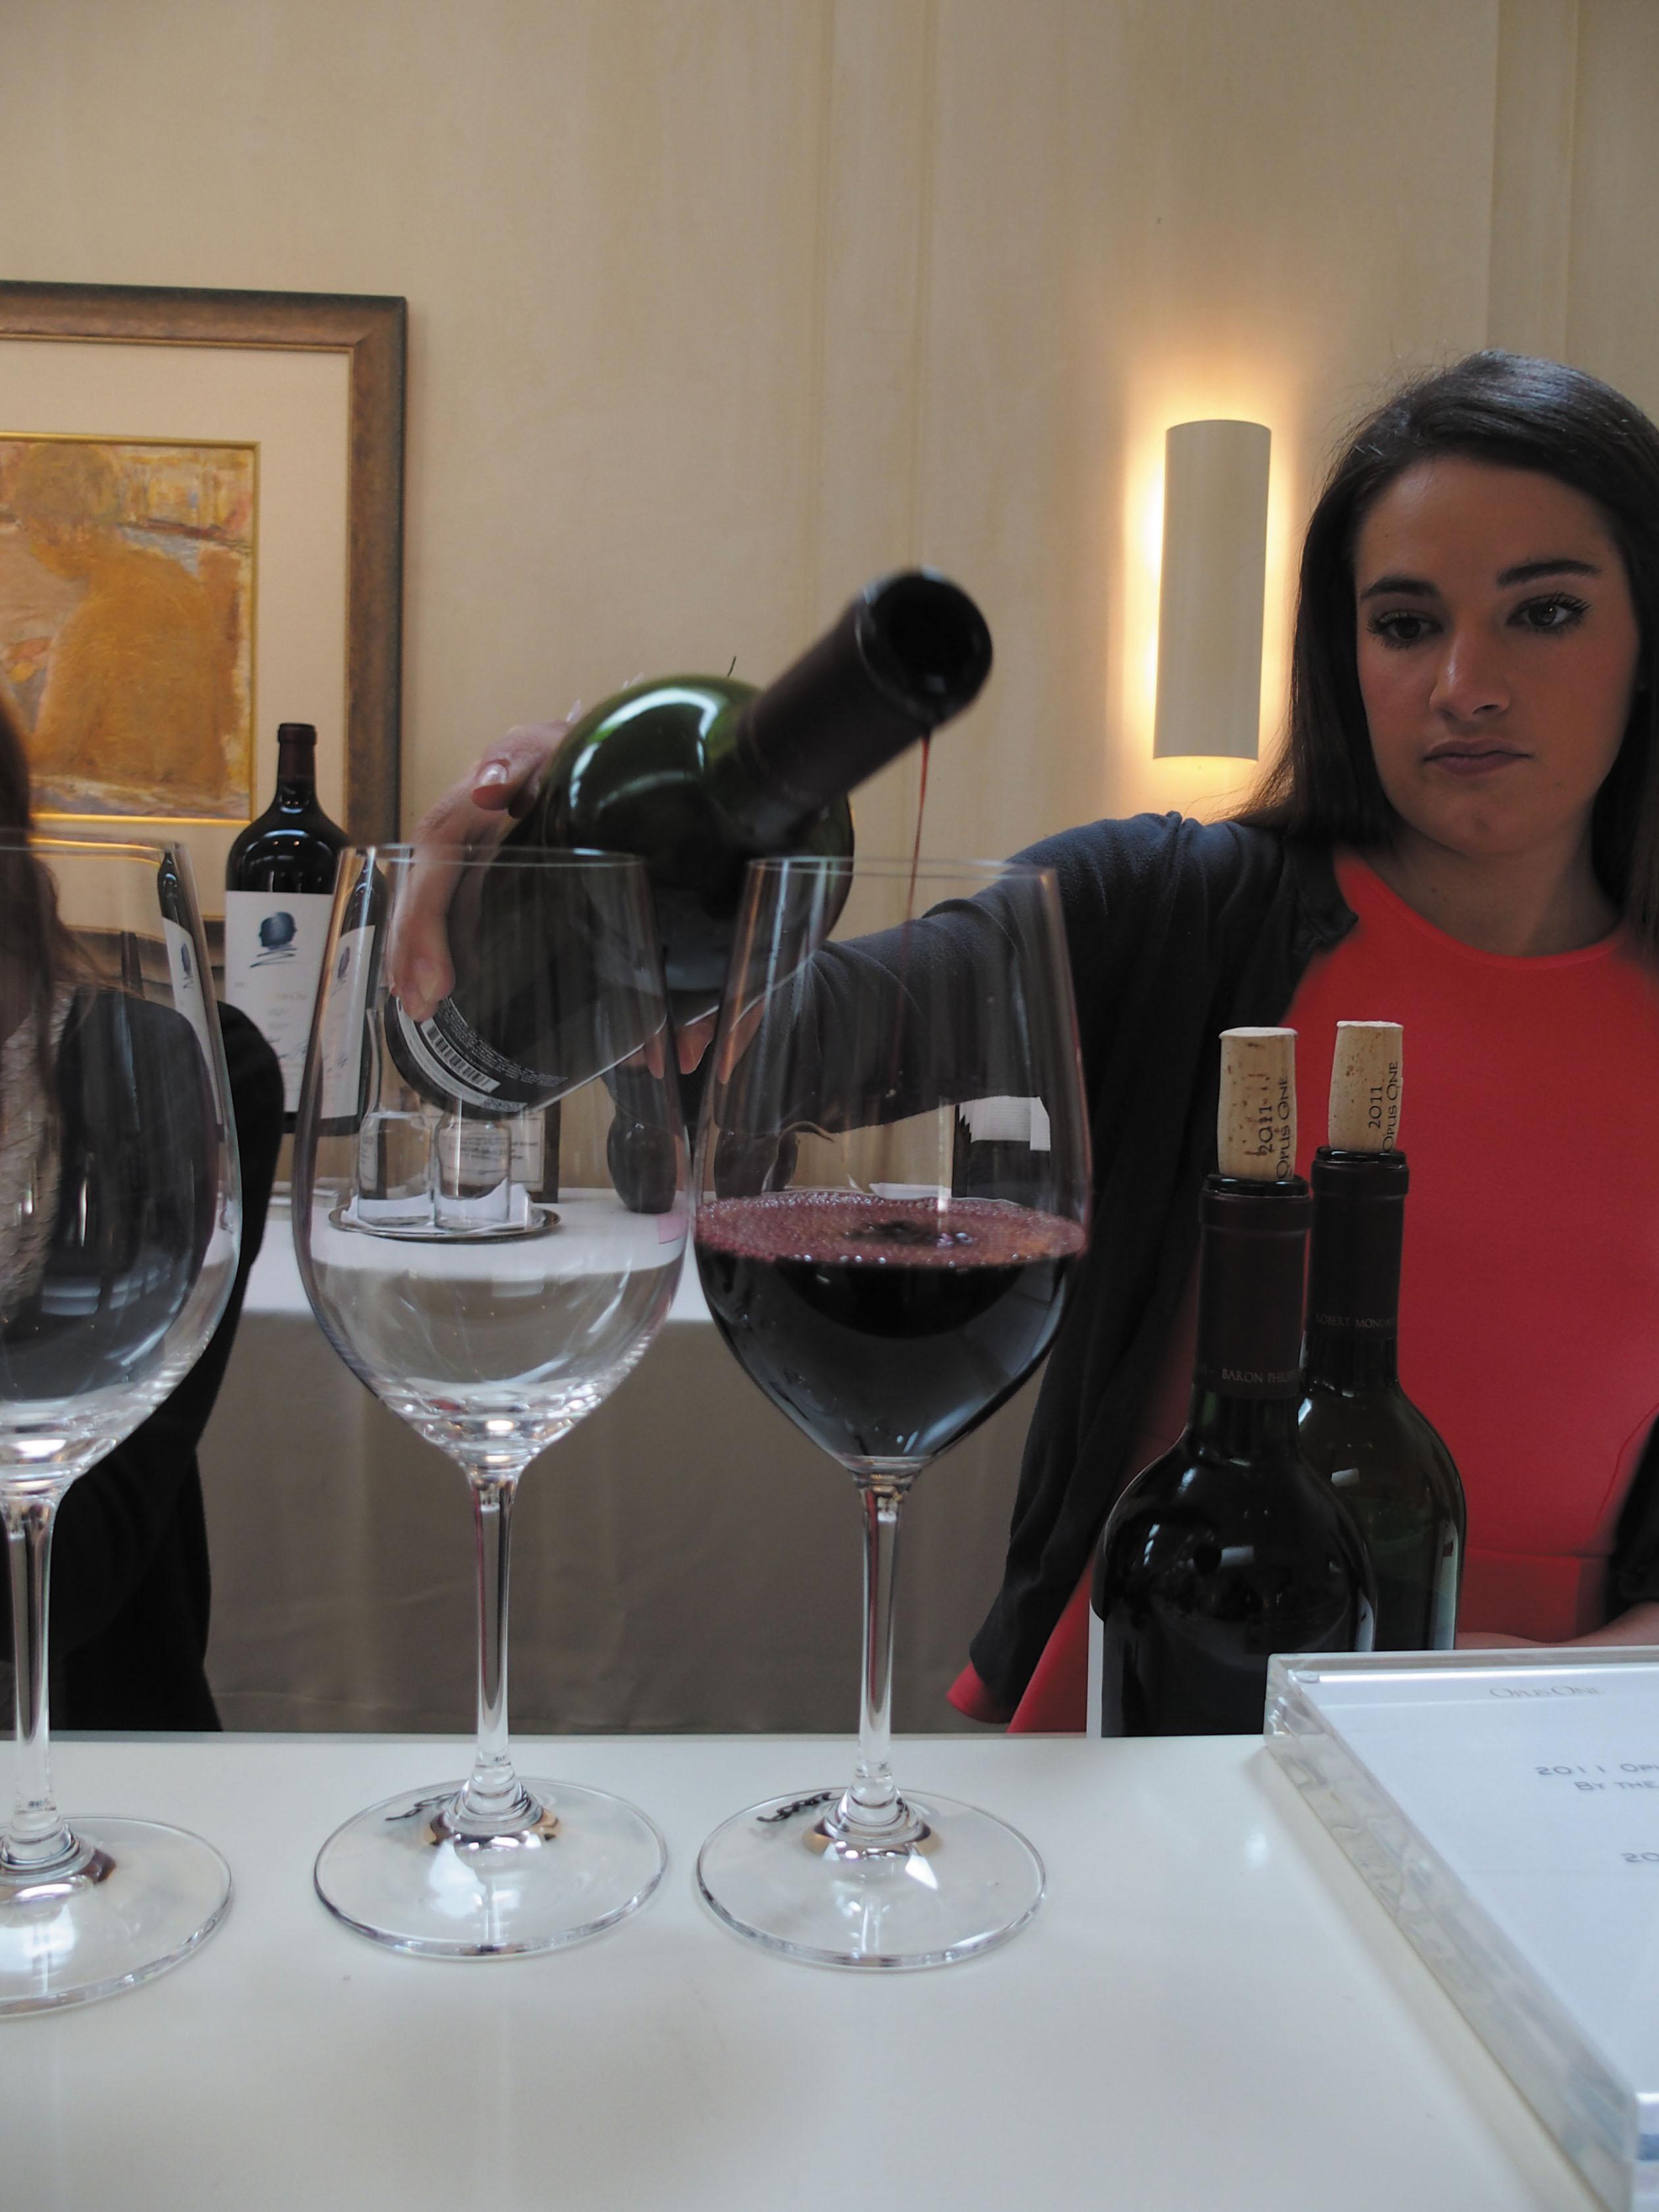 ナパバレーワインの王様、オーパスワンのワイナリー。ここでしか買うことのできないオーパスワンのセカンドライン「OVERTURE」はぜひ手に入れたい。